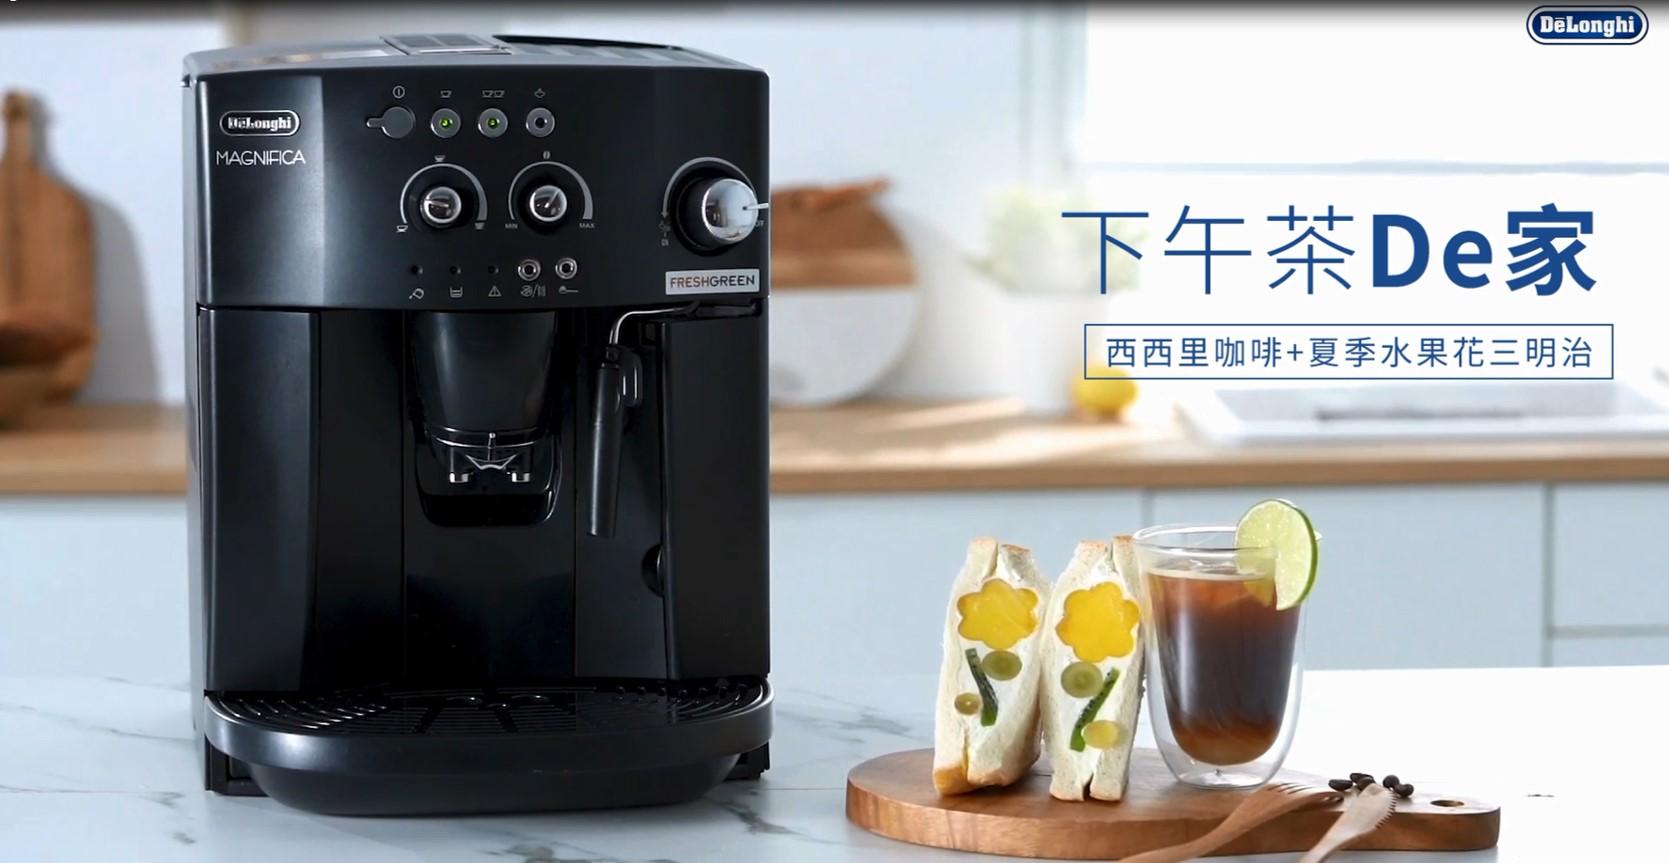 用DeLonghi咖啡機製作消暑下午茶